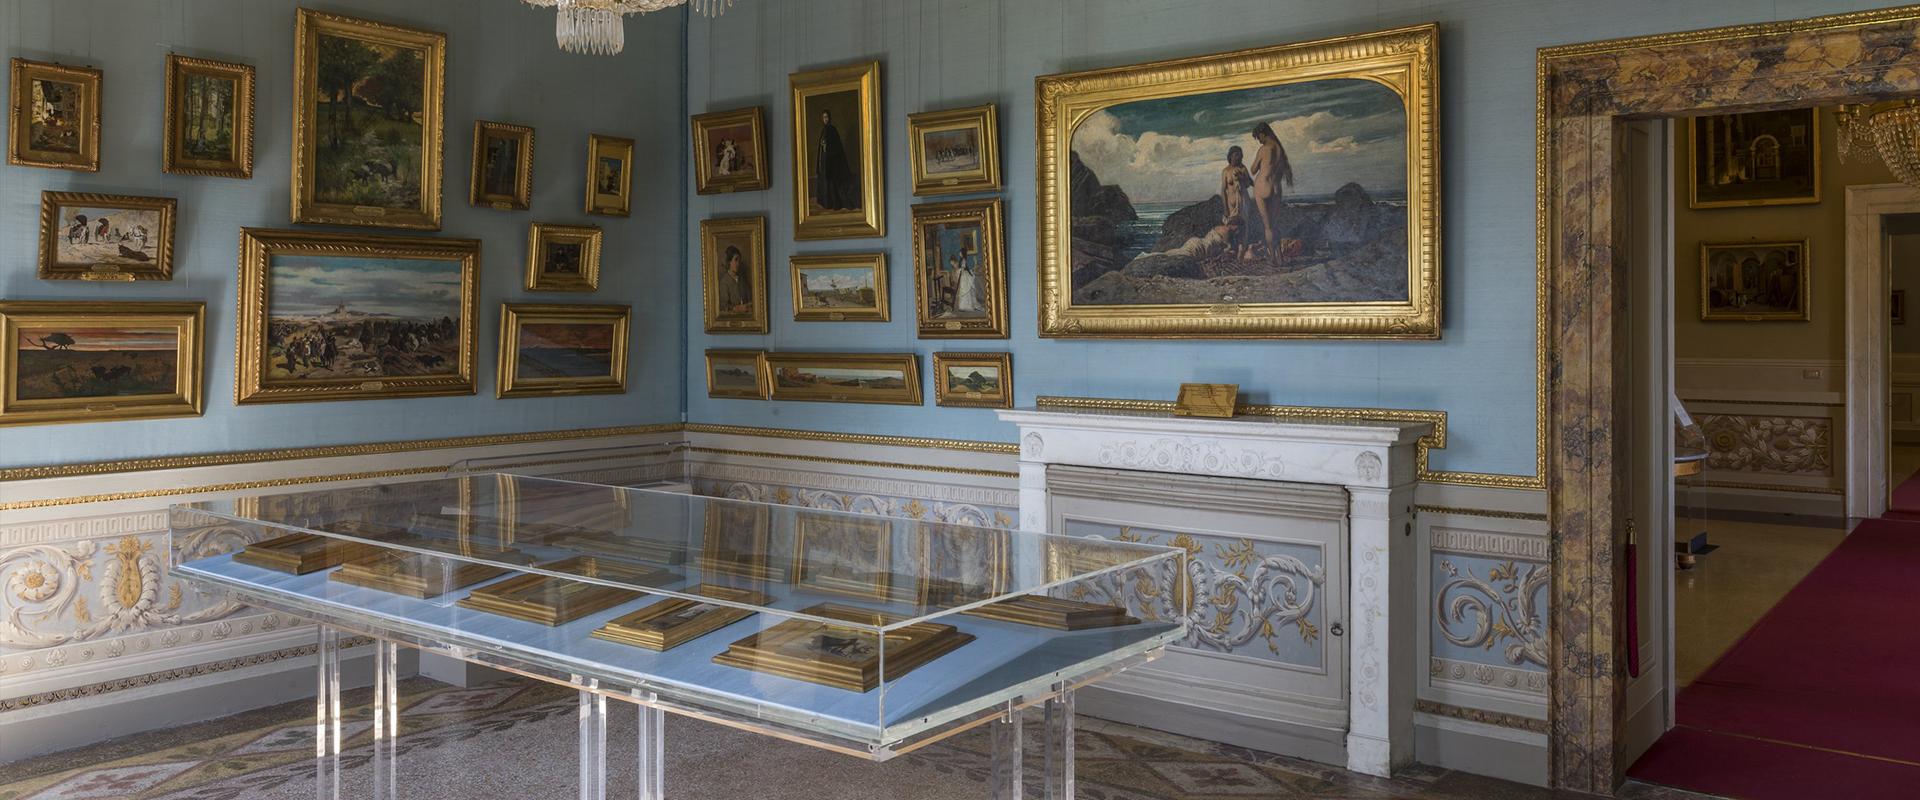 Palazzo Pitti Galleria d'Arte moderna Guida turistica a Firenze